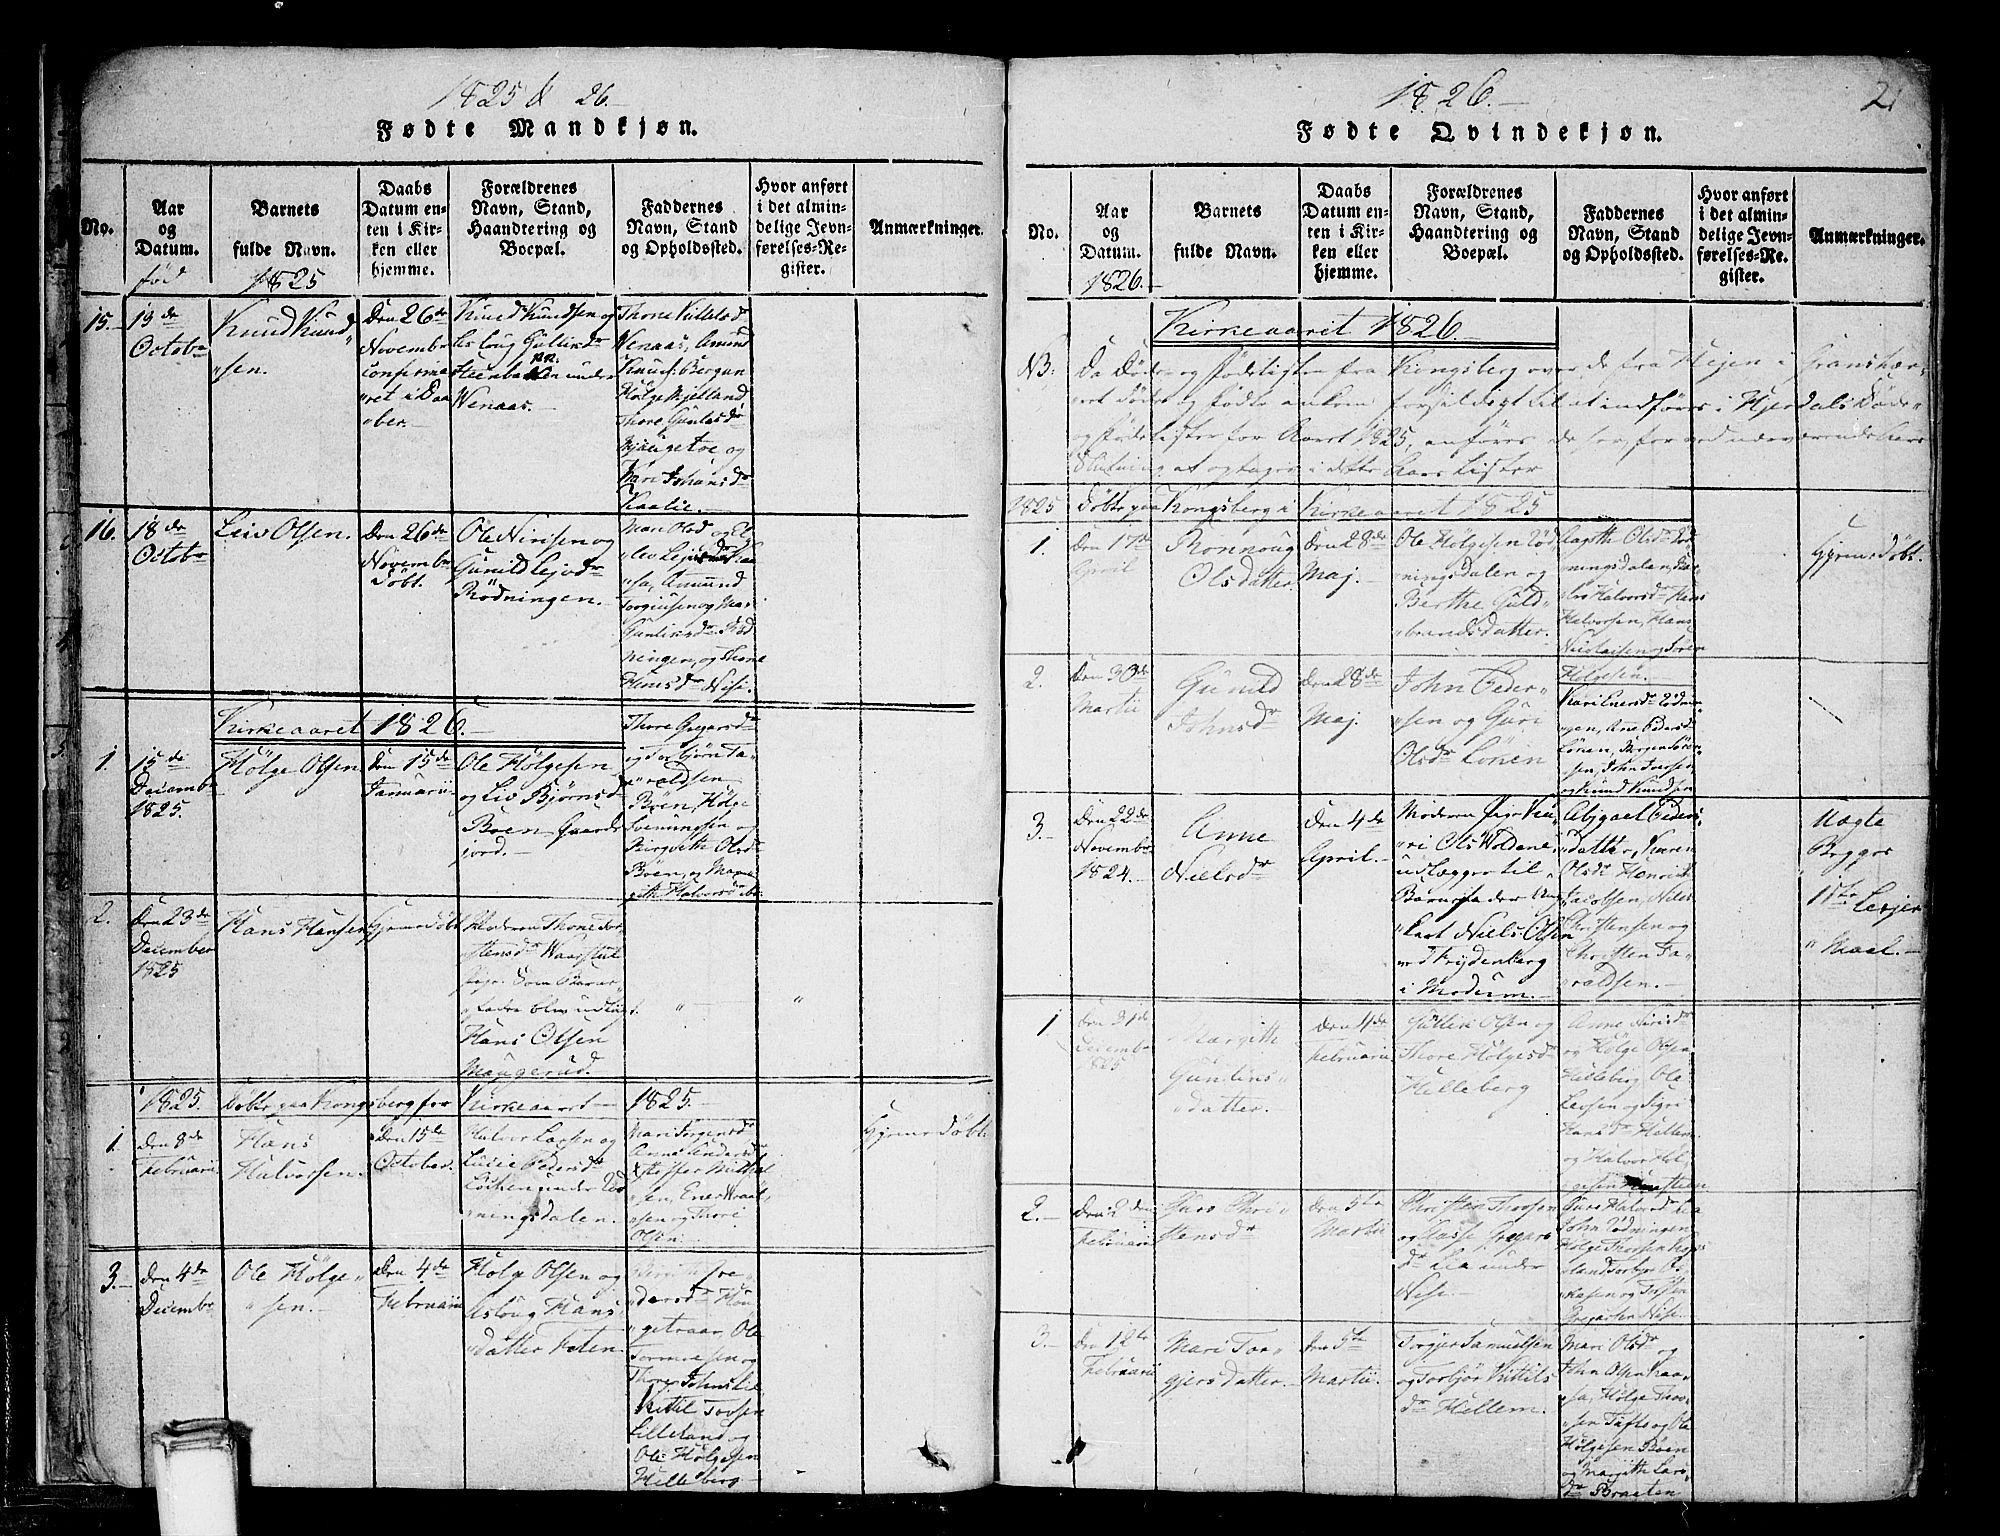 SAKO, Gransherad kirkebøker, F/Fa/L0001: Ministerialbok nr. I 1, 1815-1843, s. 21